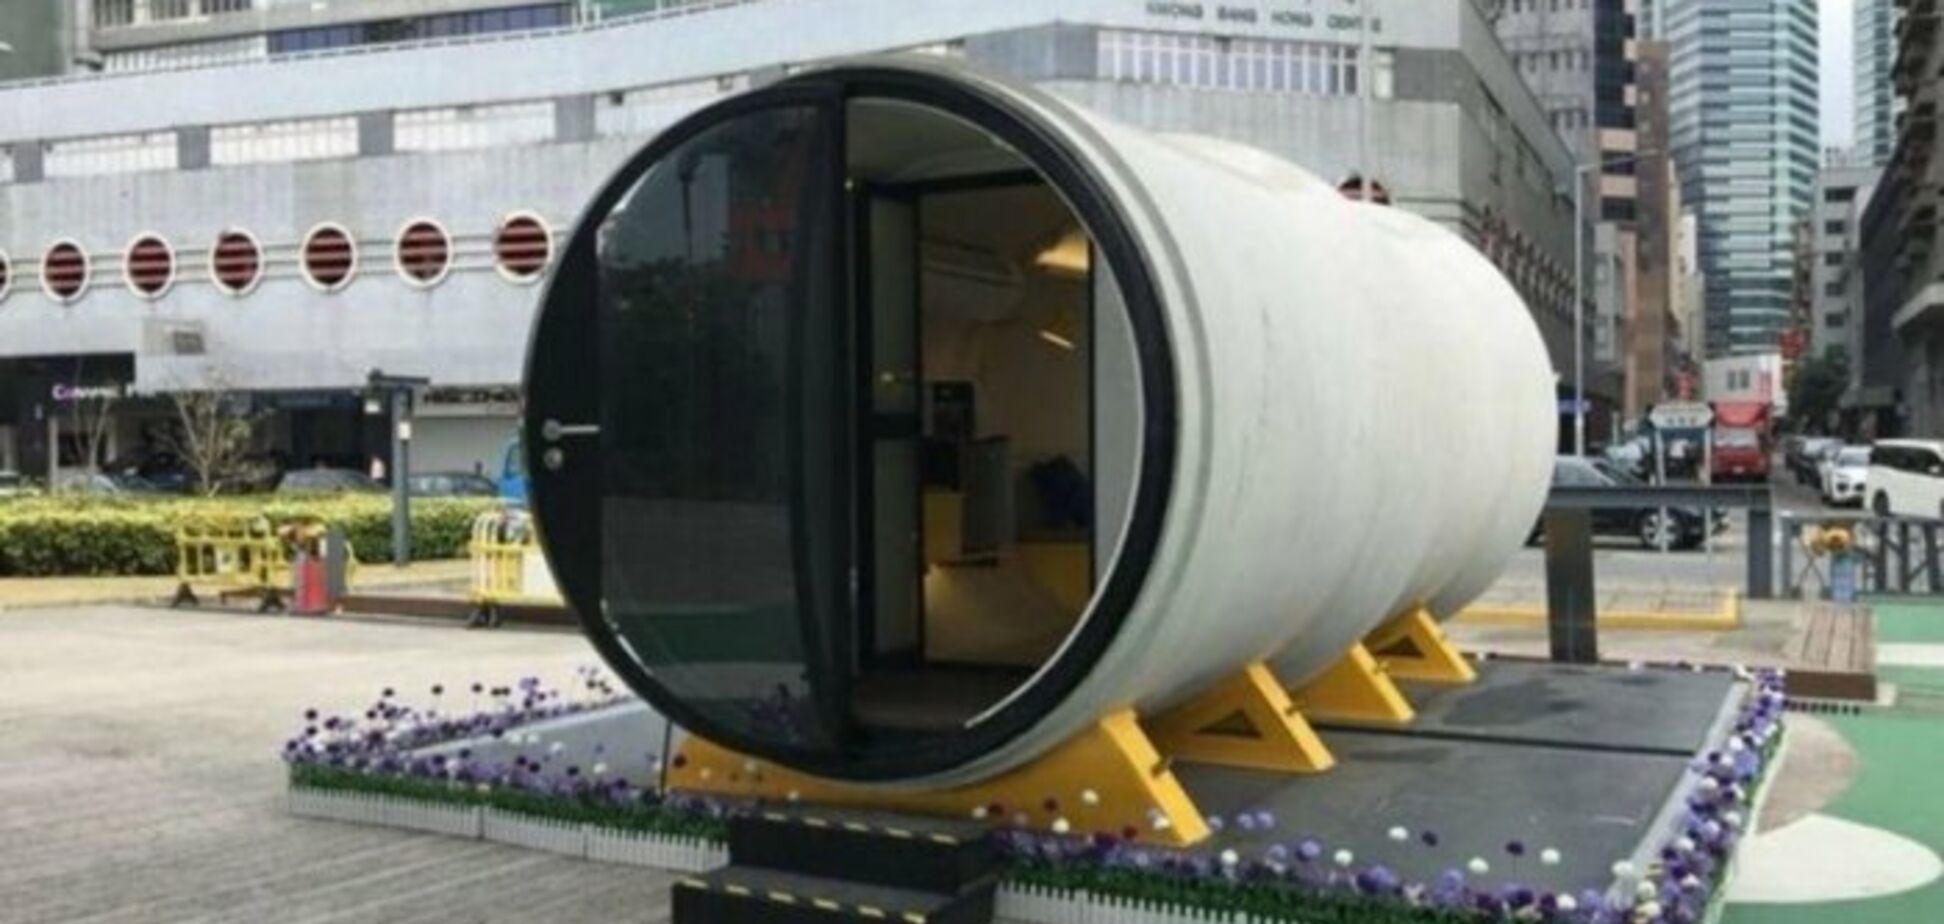 Дом в трубе: изобретатель из Гонконга предложил вариант оригинального и дешевого жилья. Фото